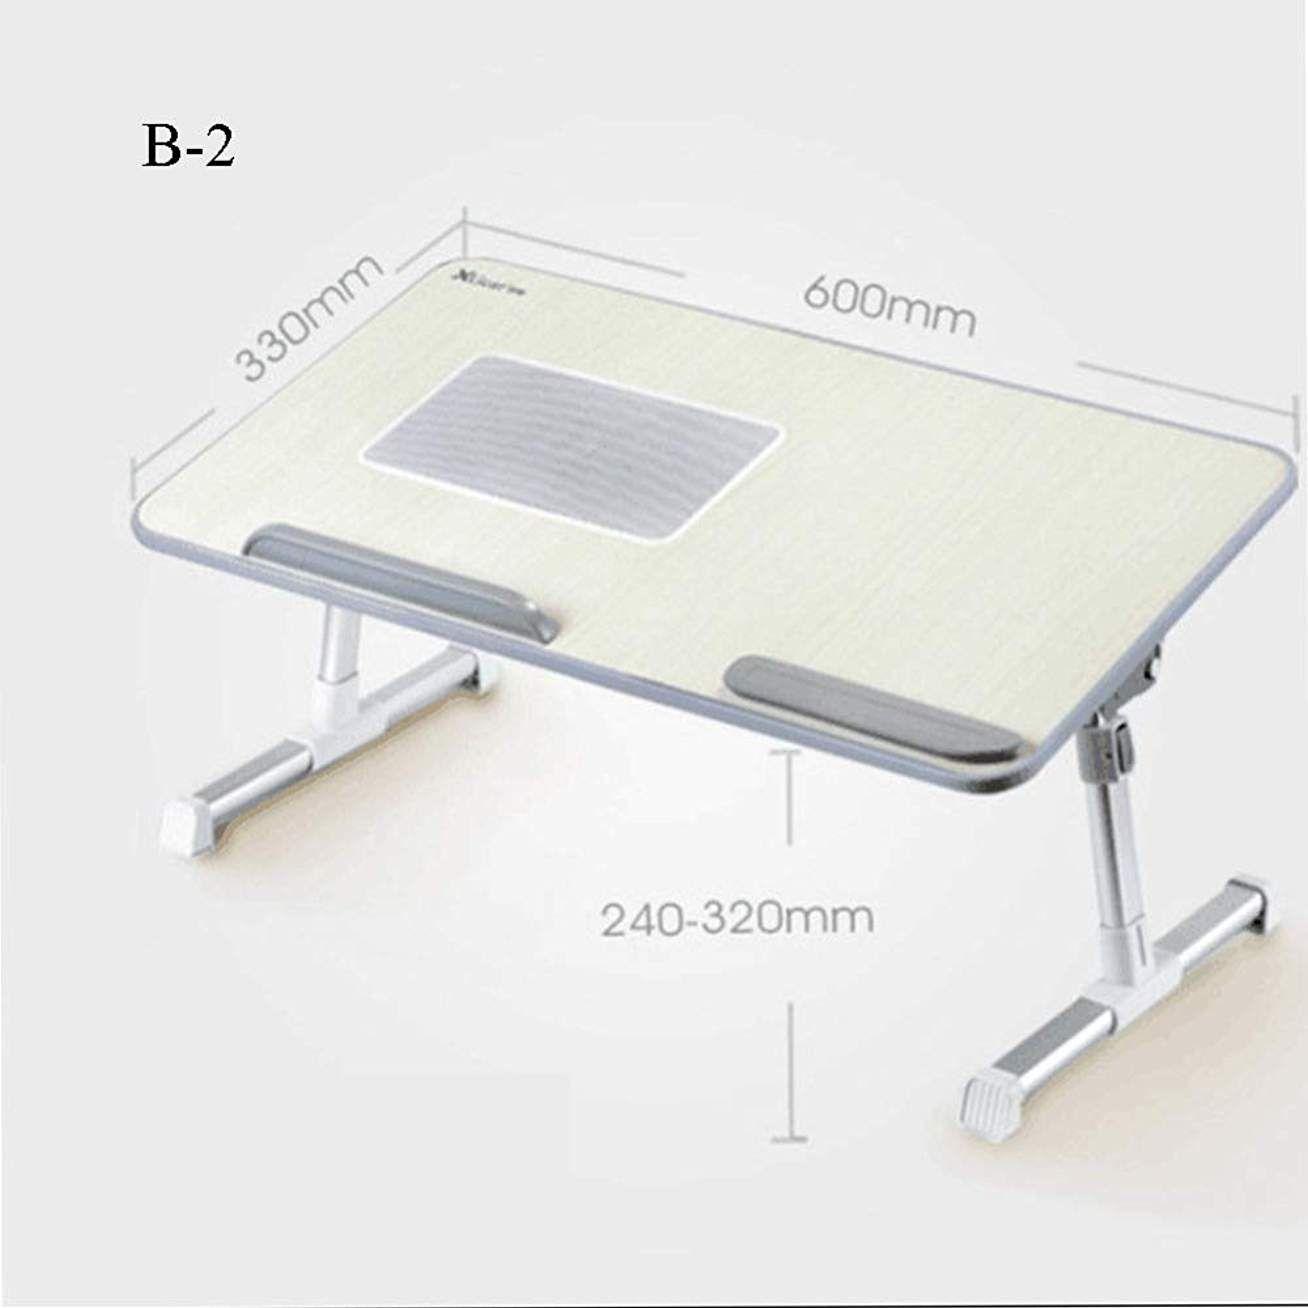 Lvfang Ordinateur Portable Aqq Table D Ordinateur Portable Table D Angle Portable Et De Hauteur Table Pour Ordinateur Portable Table D Angle Table D Ordinateur